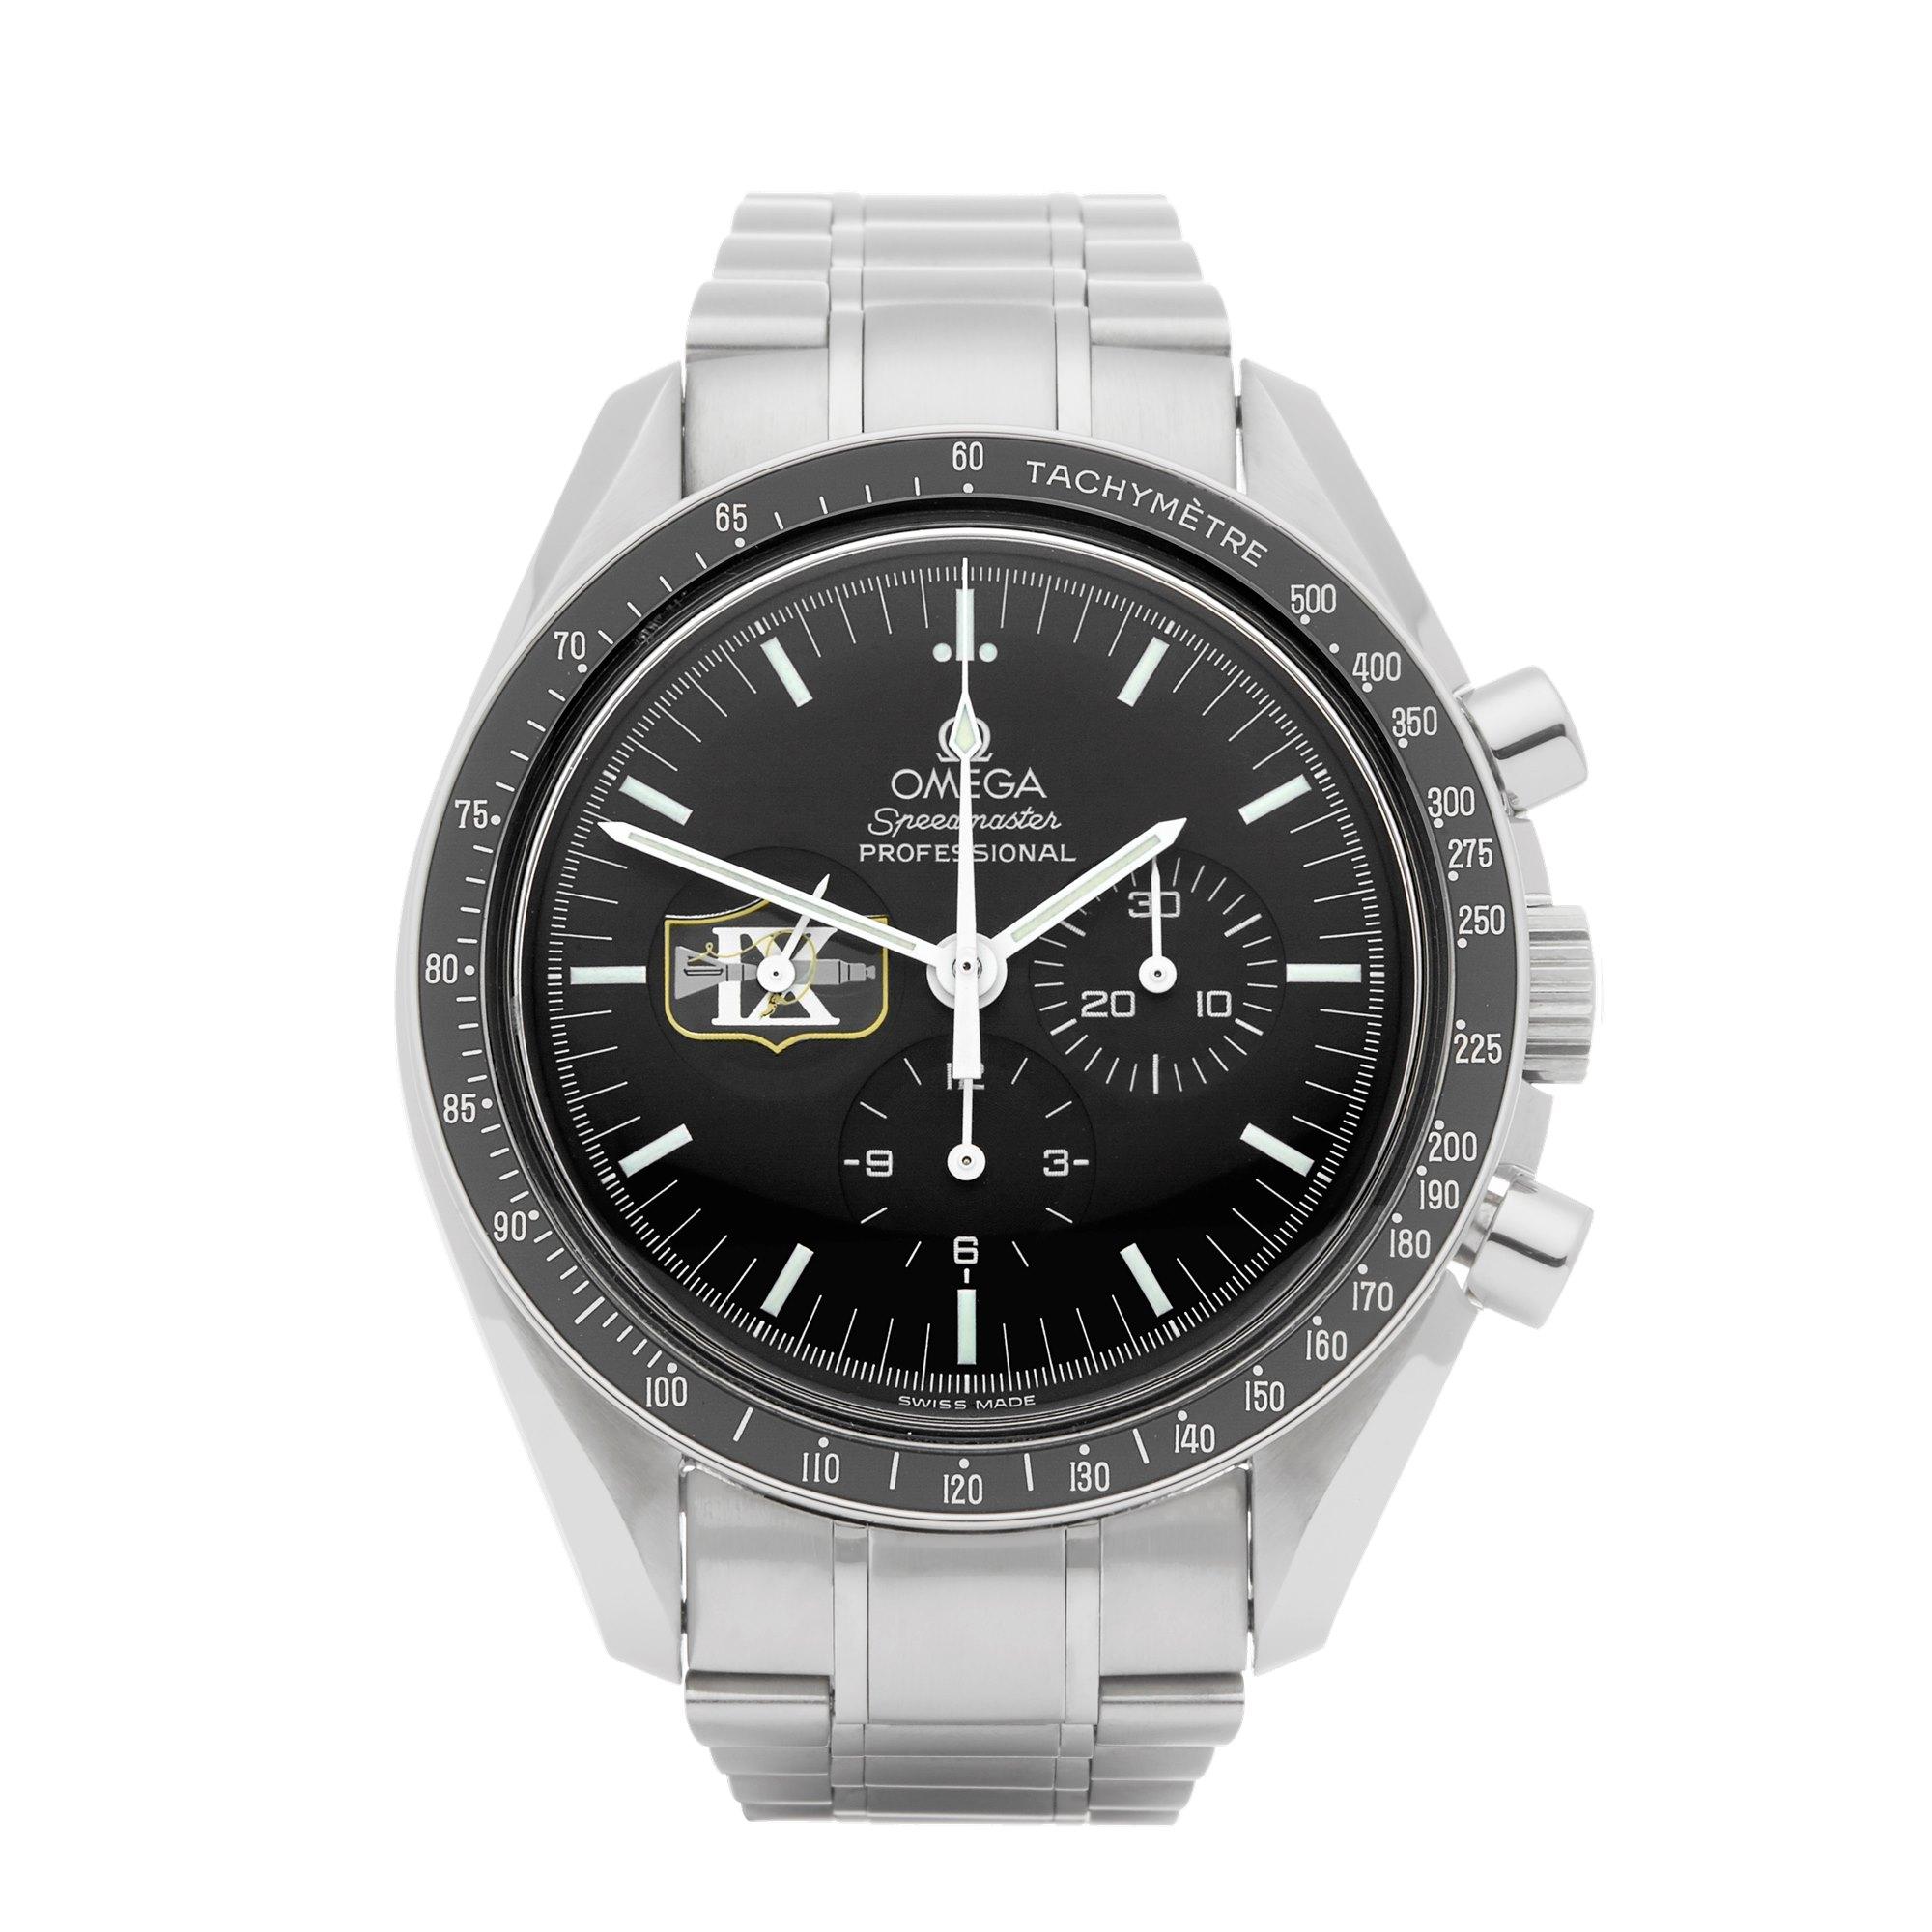 Omega Speedmaster Missions Gemini IX Chronograph Stainless Steel 38725001 145.0022